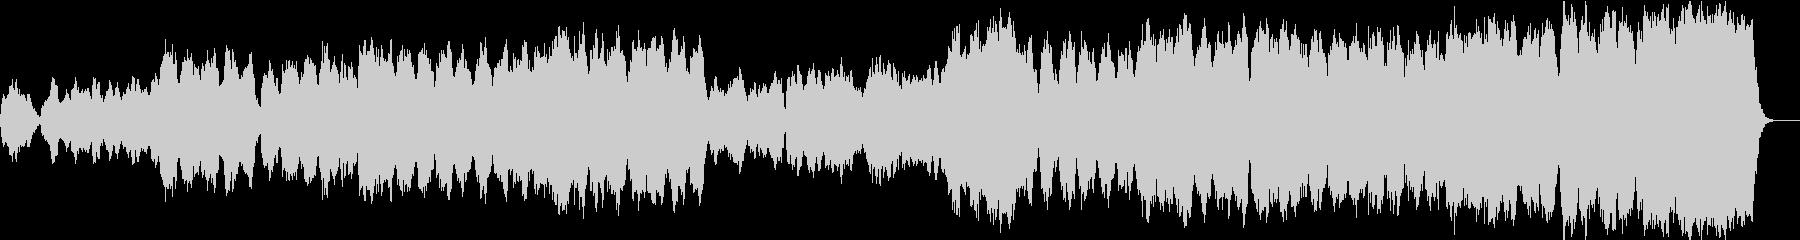 オーケストラサウンドのドラマのOPの未再生の波形